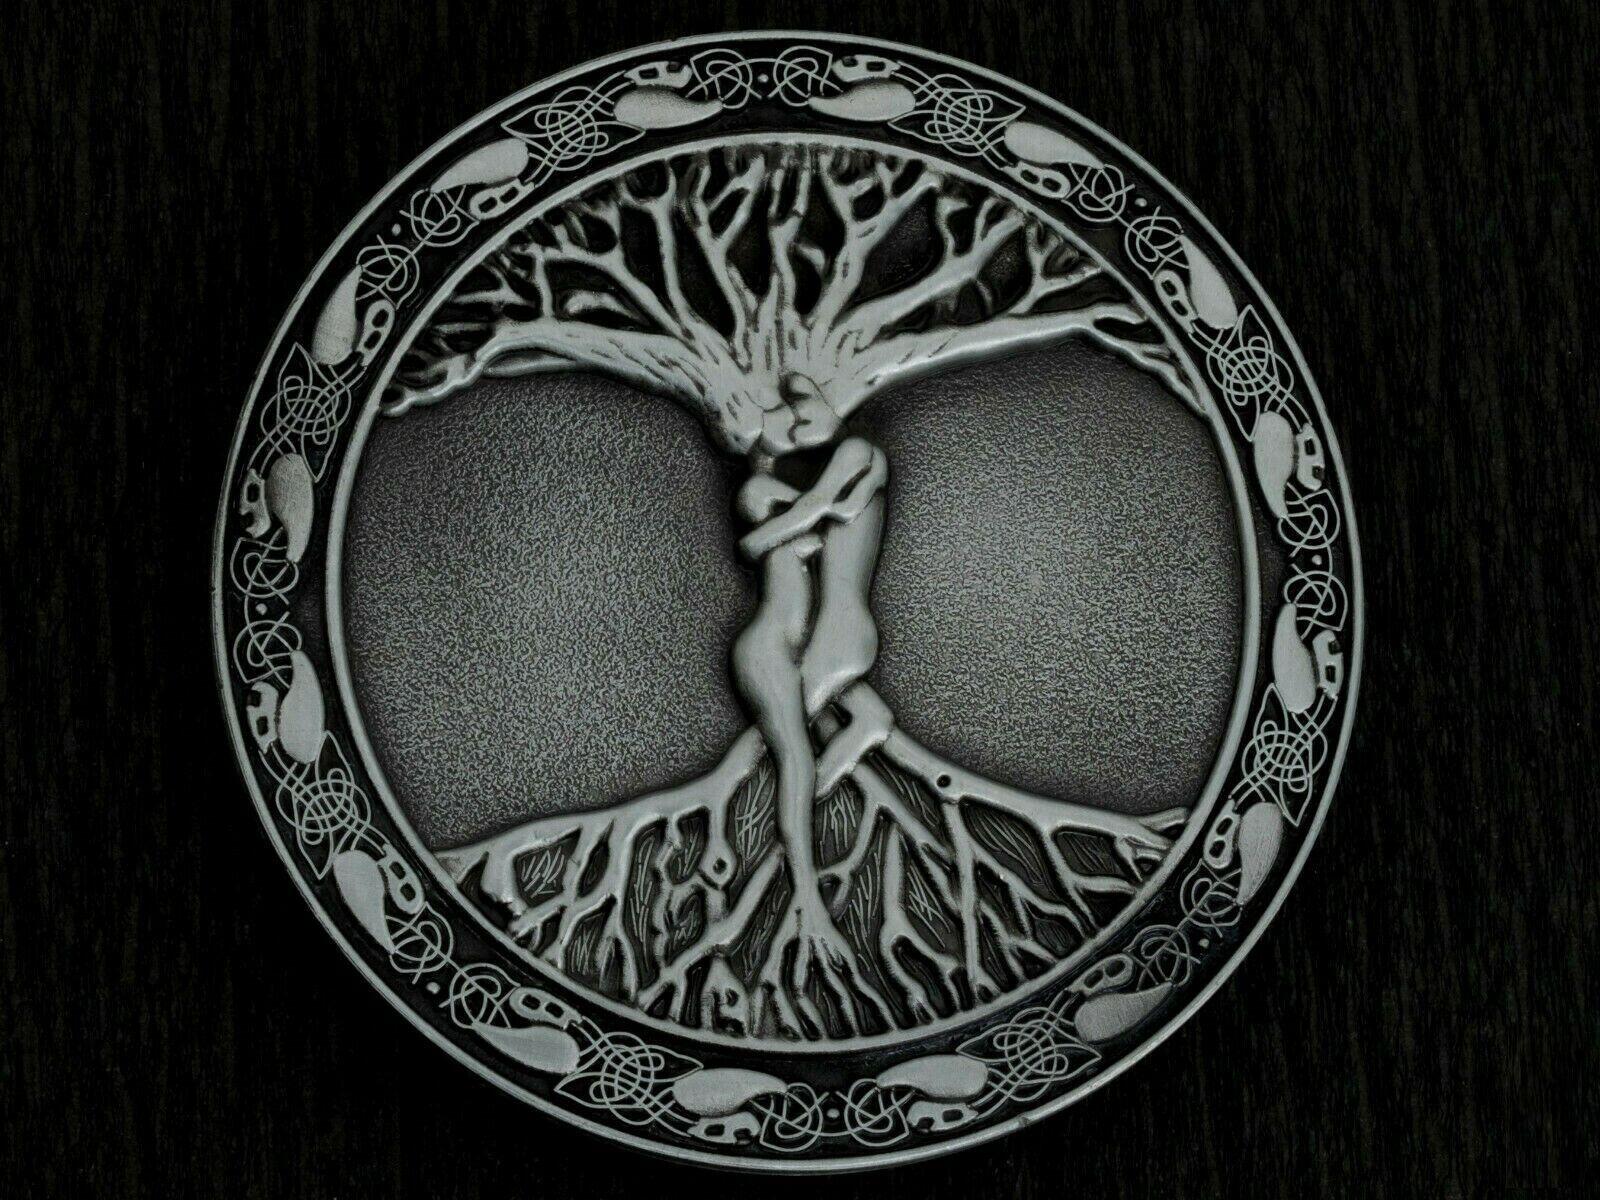 Gürtelschnalle Buckle Baum des Lebens Lebensbaum Weltenbaum Wikinger Vintage